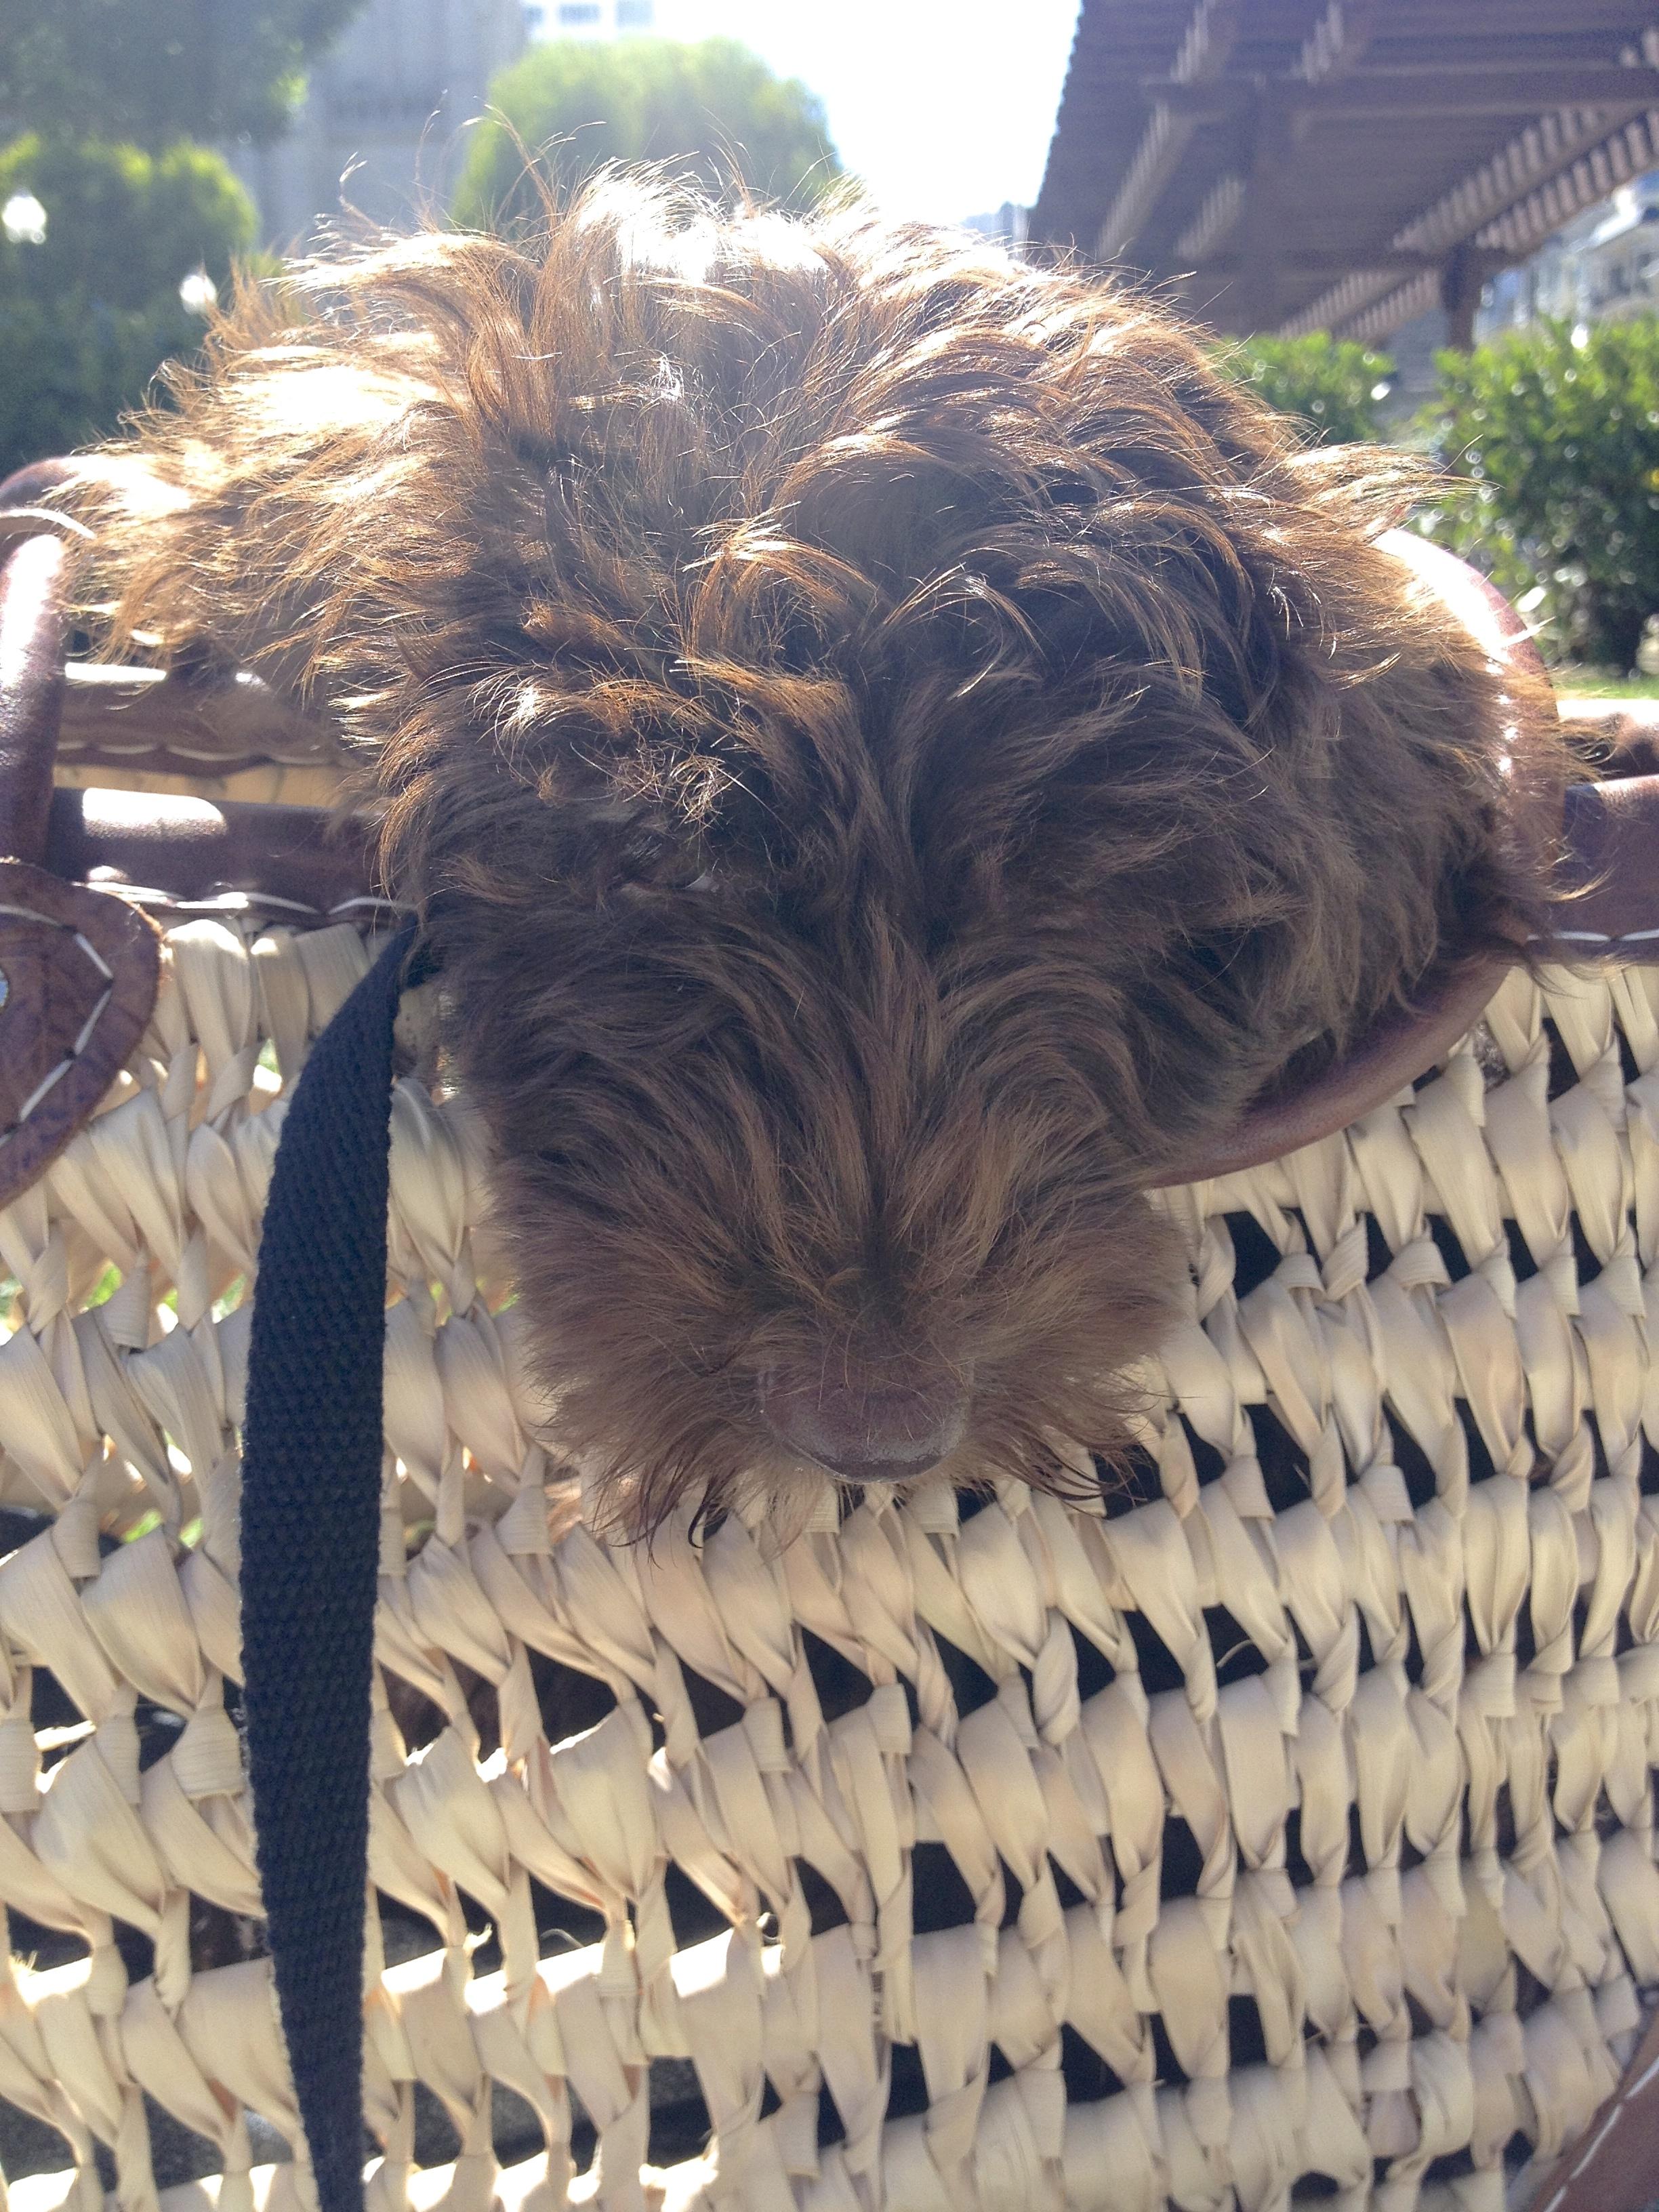 Brown Labradoodle Puppy in Handbasket